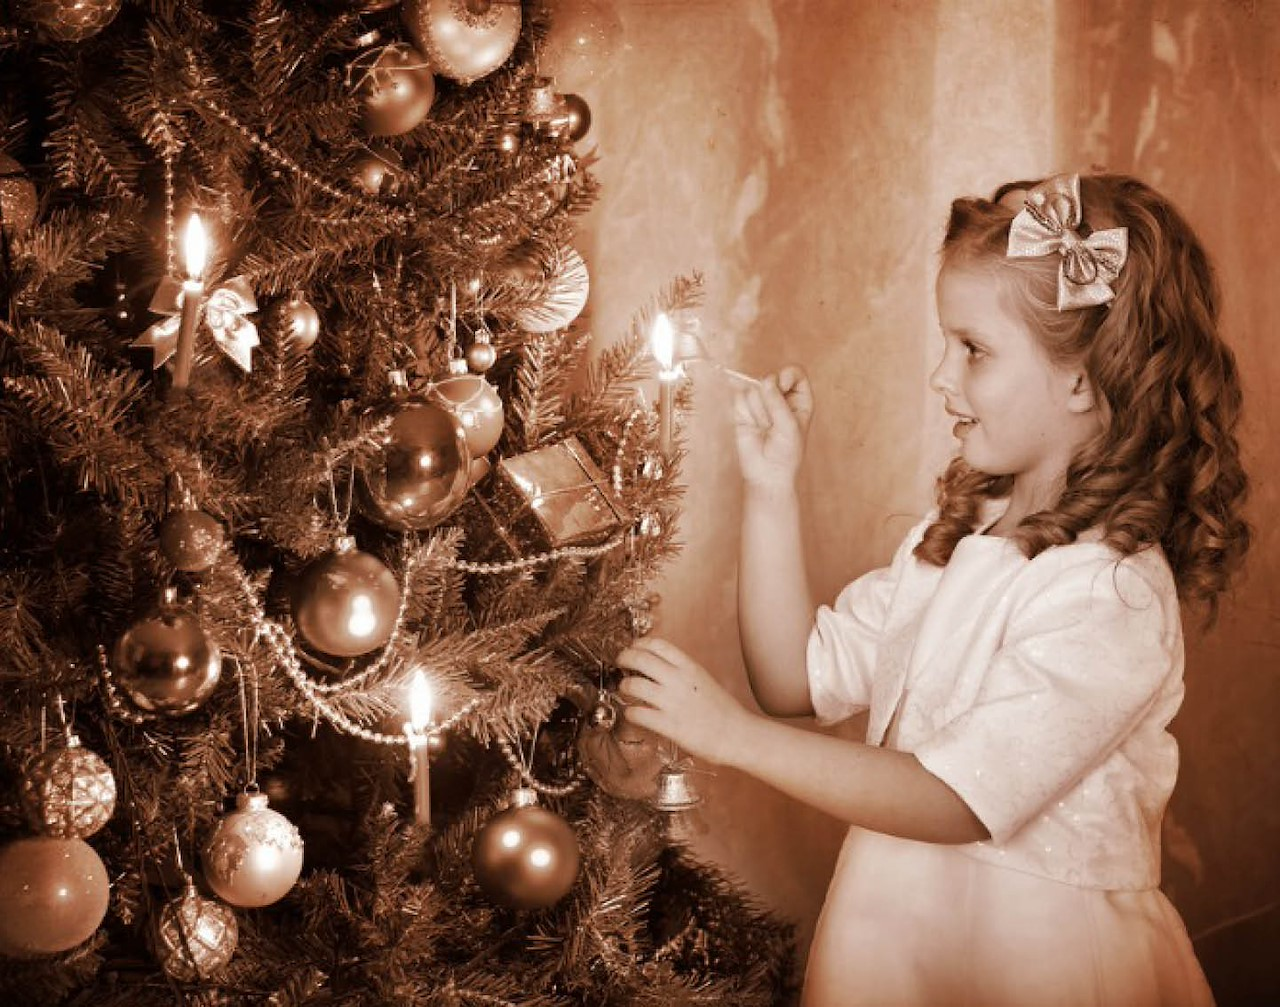 Kerstbomen: een oude traditie